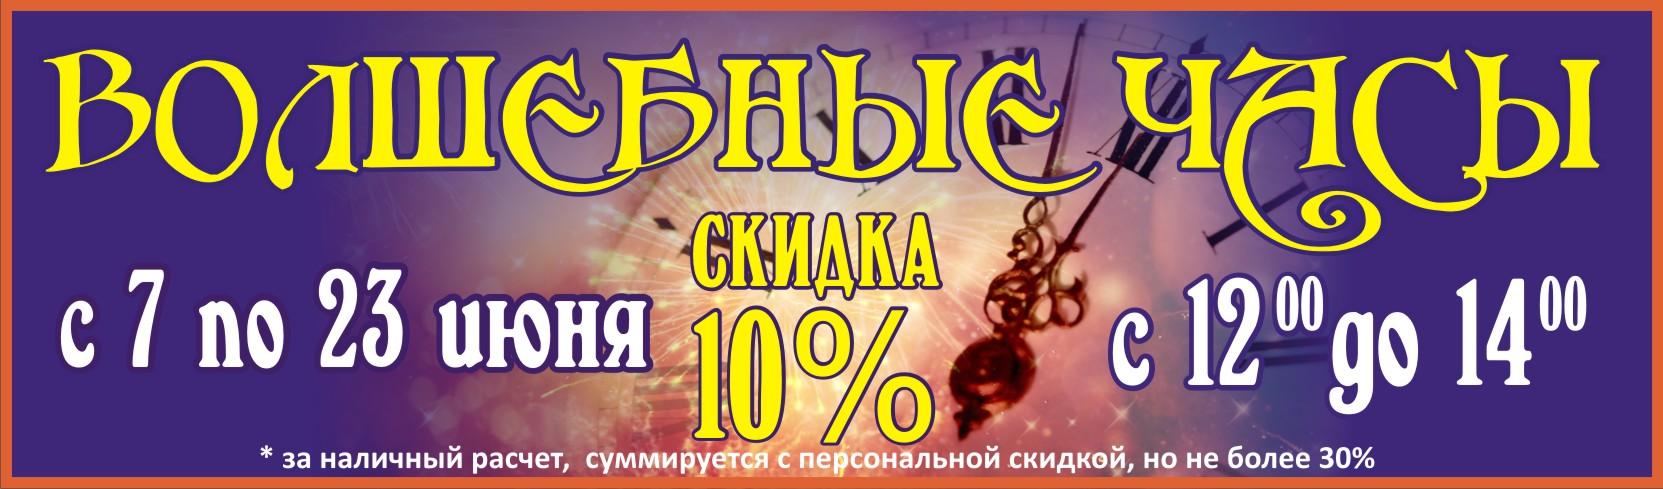 Акция - Волшебные часы в магазинах кожи и меха ЭЛИТА. В период с 7 по 23 июня 2019 года, с 12:00 до 14:00 действует скидка 10% на всё.